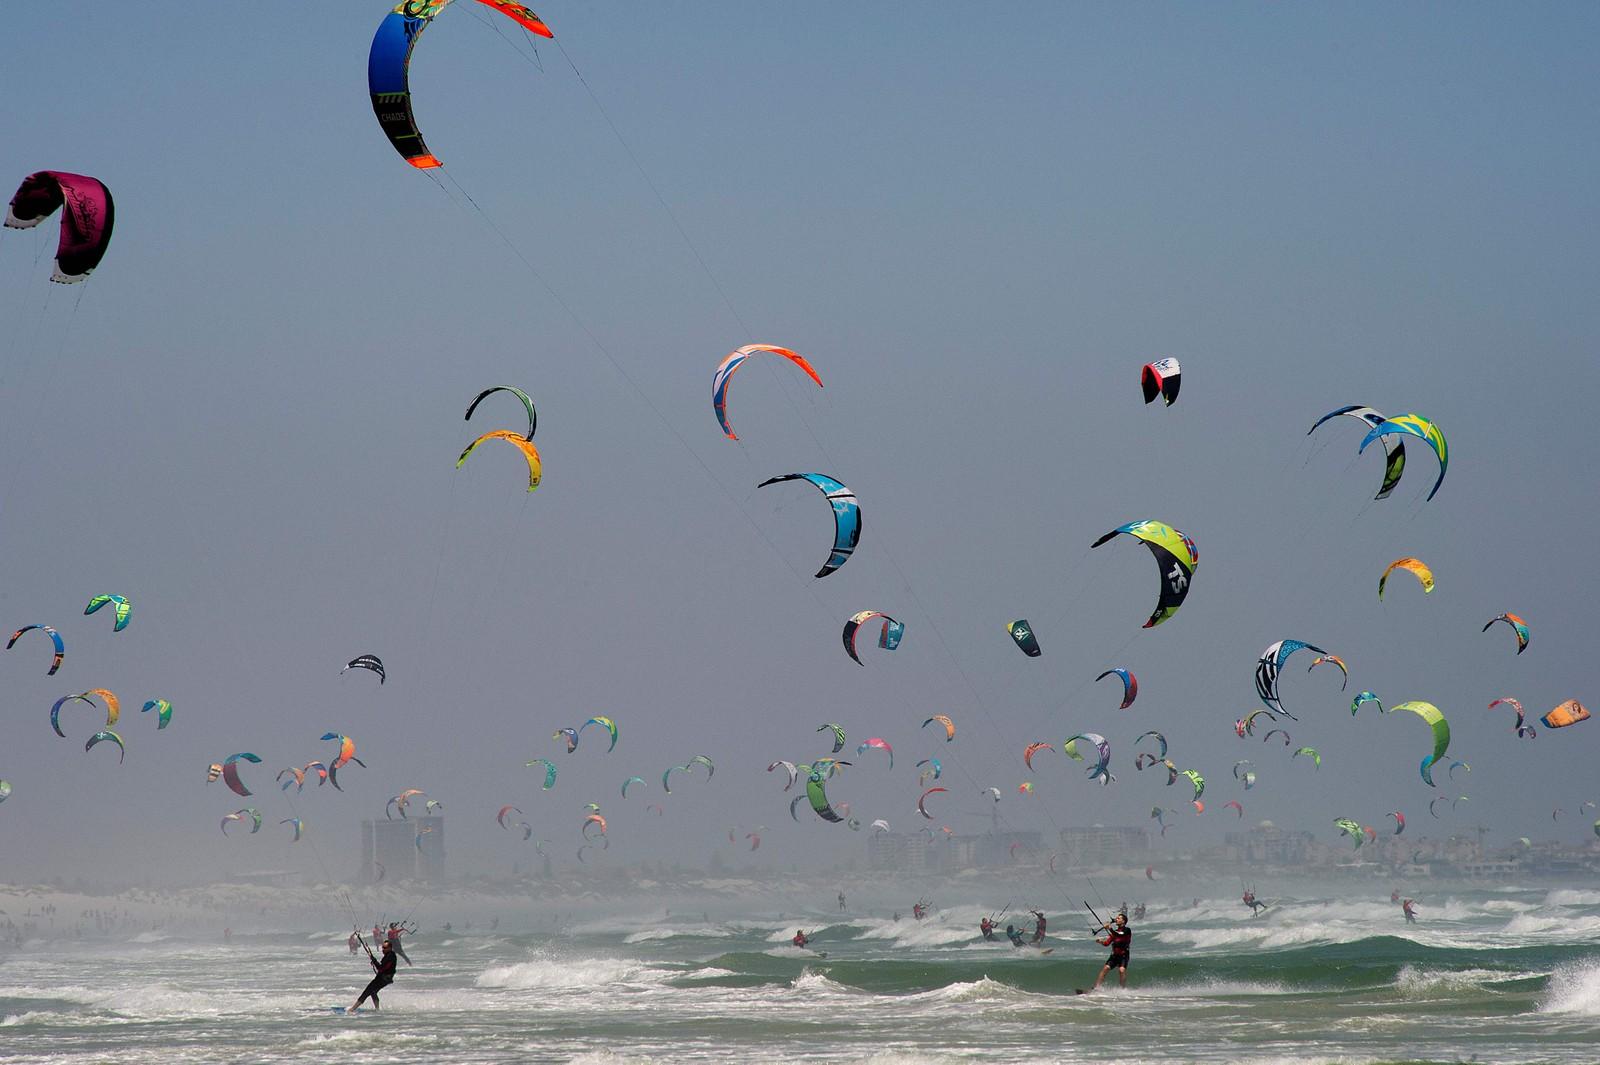 En ny verdensrekord i samtidig kitesurfing ble satt i Cape Town, Sør-Afrika søndag. Den tidligere rekorden var på 352 utøvere, men med Guinness' rekordfolka til stede ble den nye rekorden talt til å være på 415 kitere.